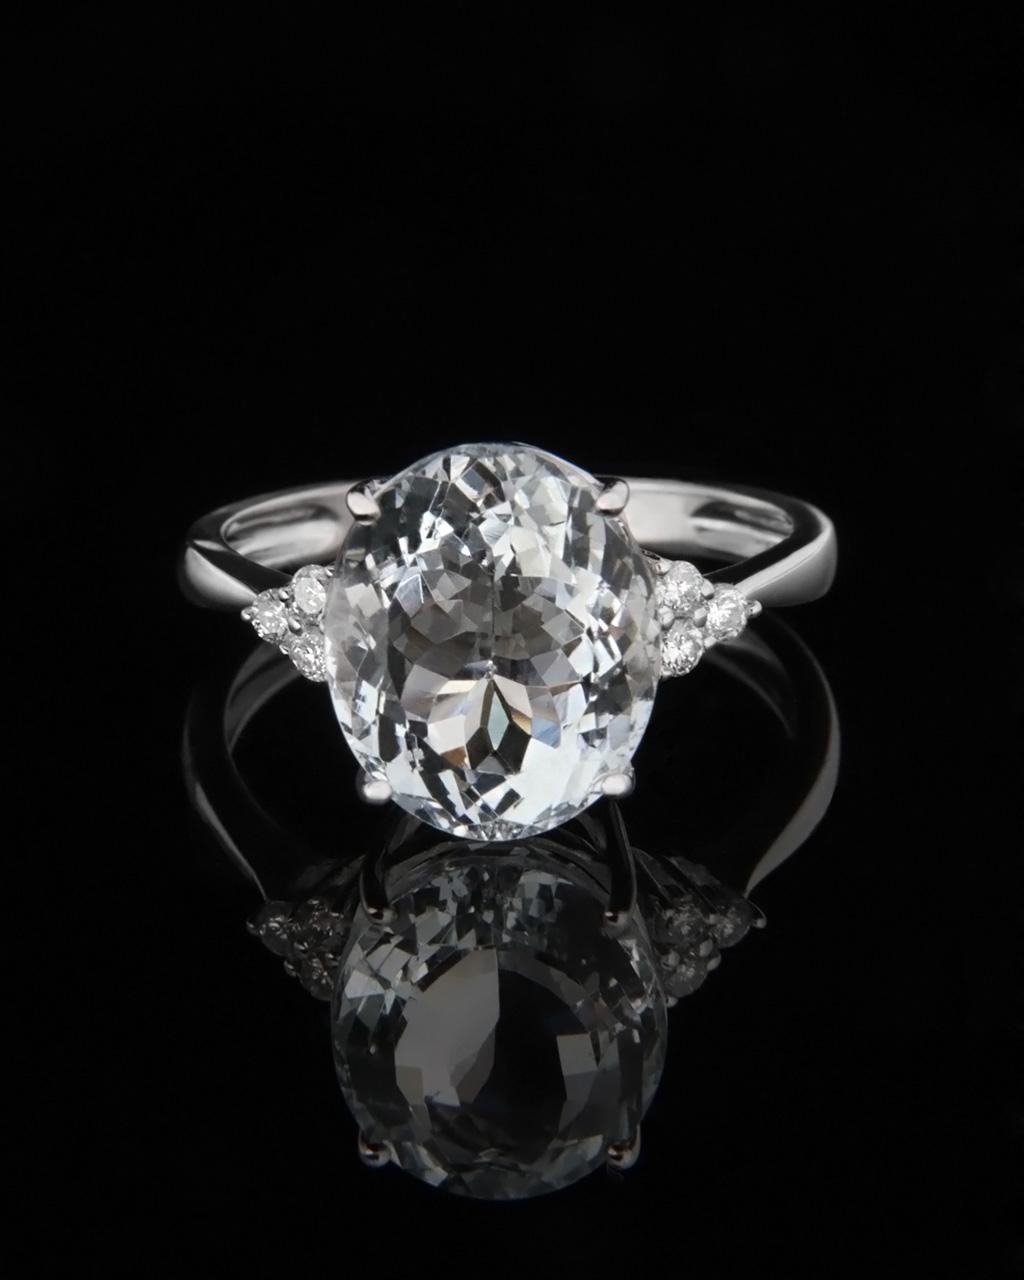 Δαχτυλίδι λευκόχρυσο με Aqua marina & Διαμάντια   γυναικα δαχτυλίδια μονόπετρα με διαμάντια